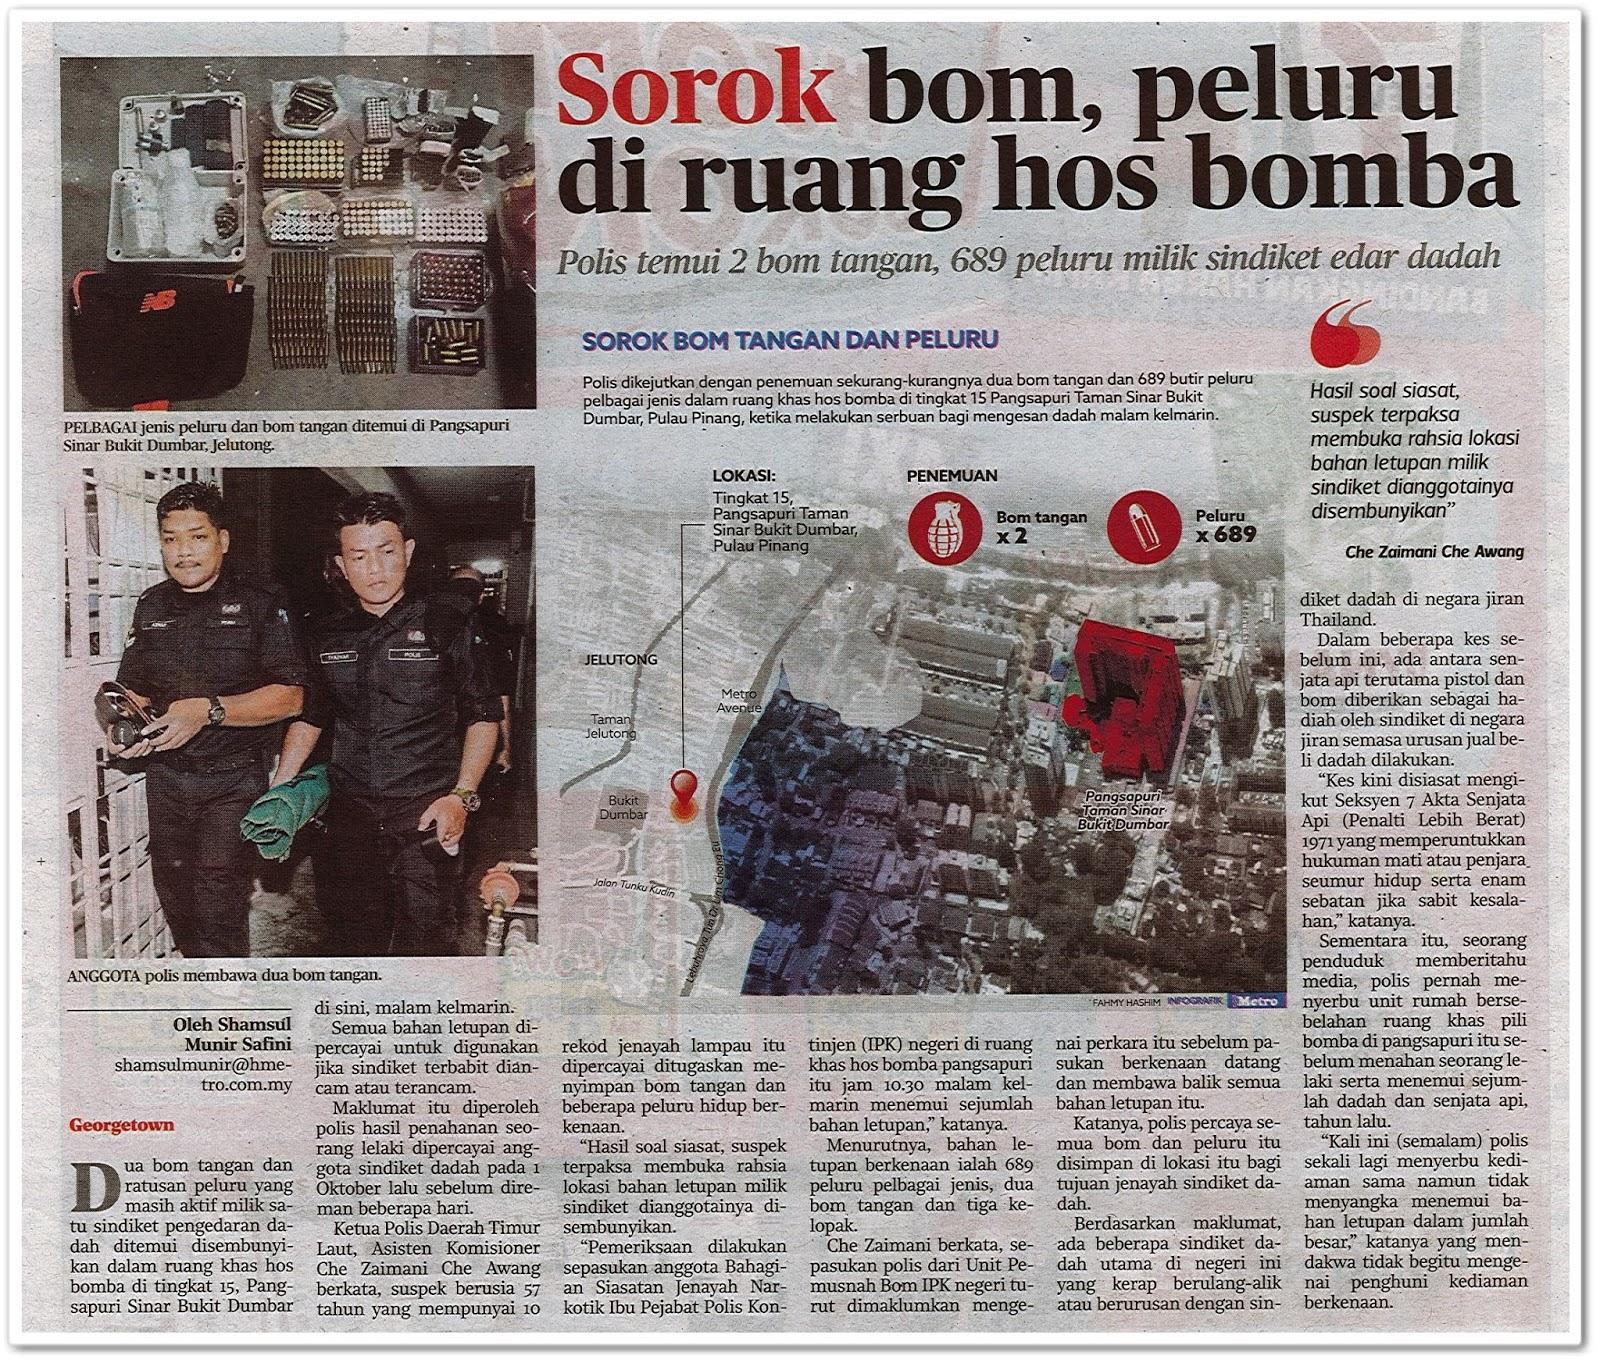 Sorok bom, peluru di ruang hos bomba - Keratan akhbar Harian Metro 22 Oktober 2019